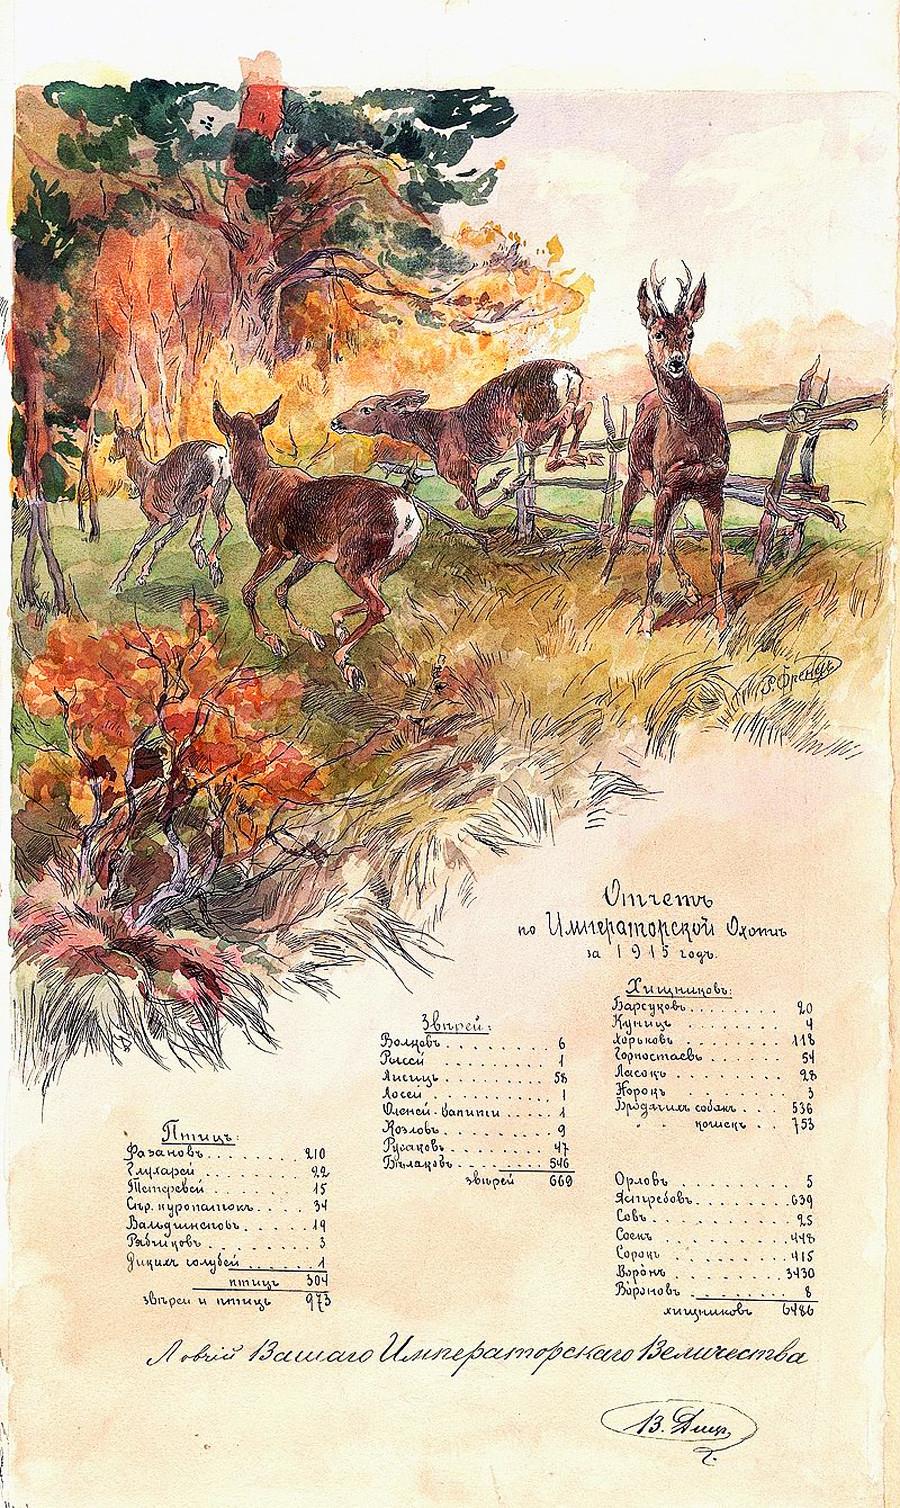 Un acquerello con i risultati di una battuta di caccia dello zar, 1915